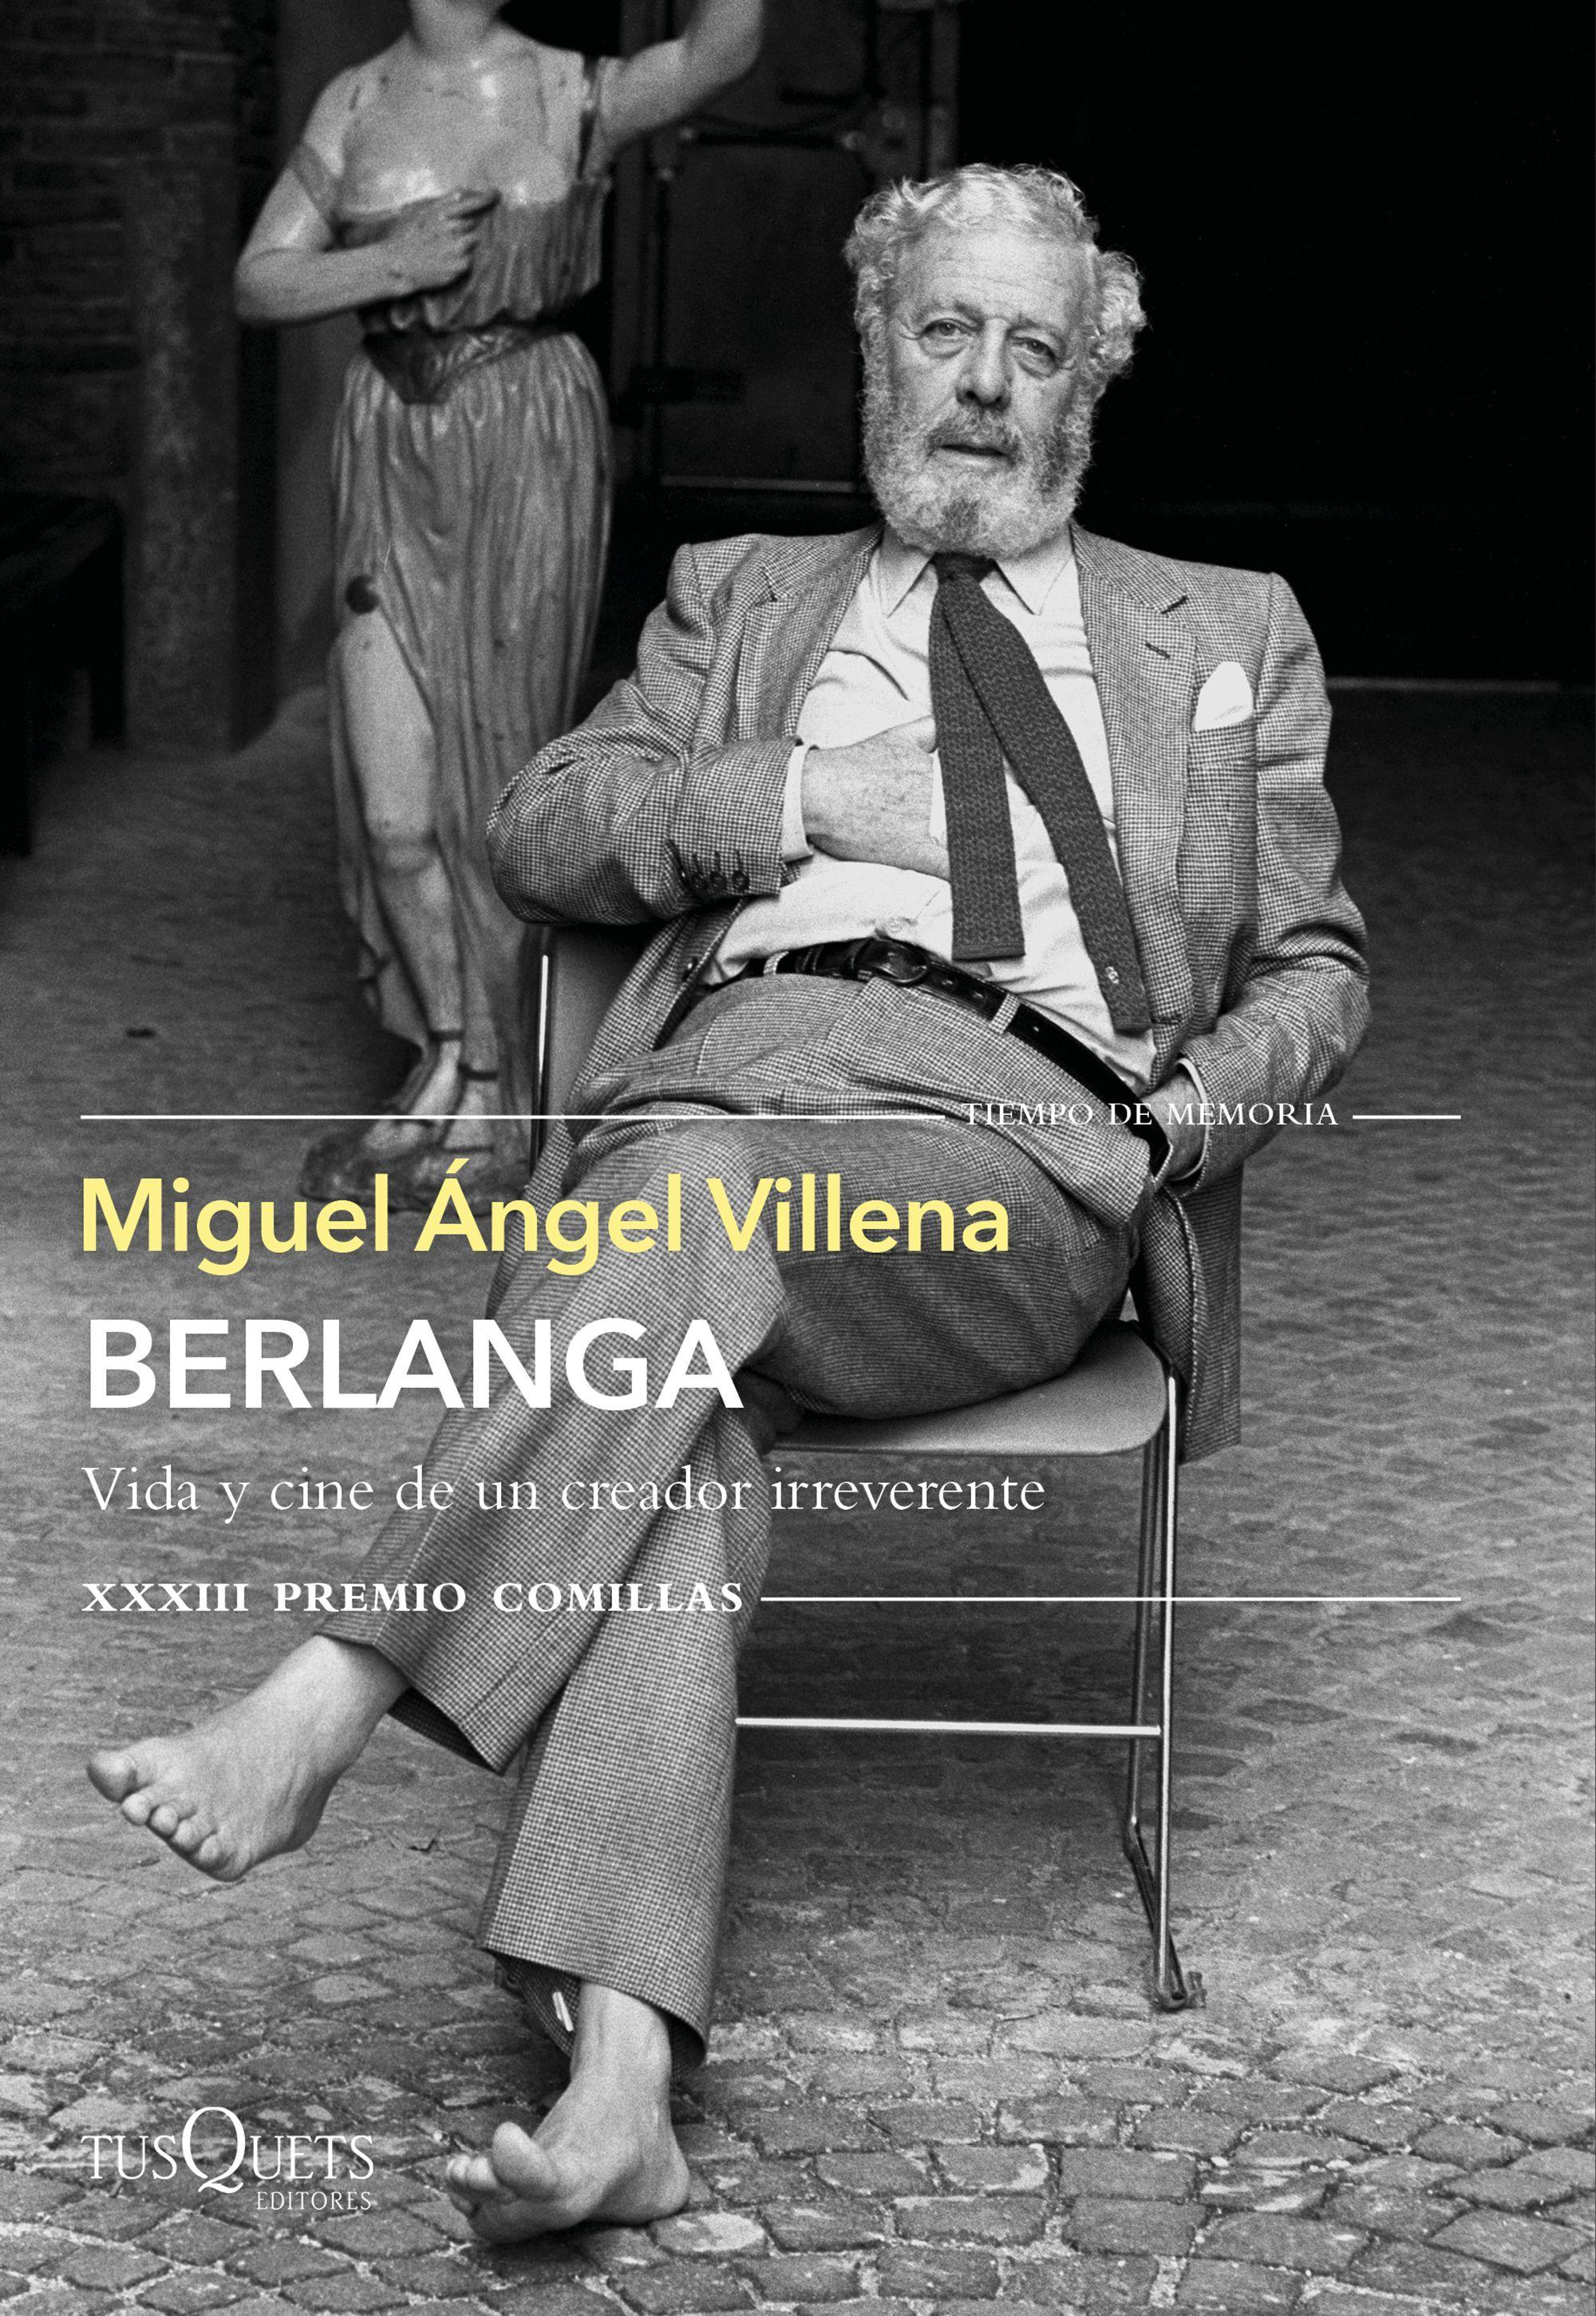 BERLANGA VIDA Y CINE DE UN CREADOR IRREVERENTE